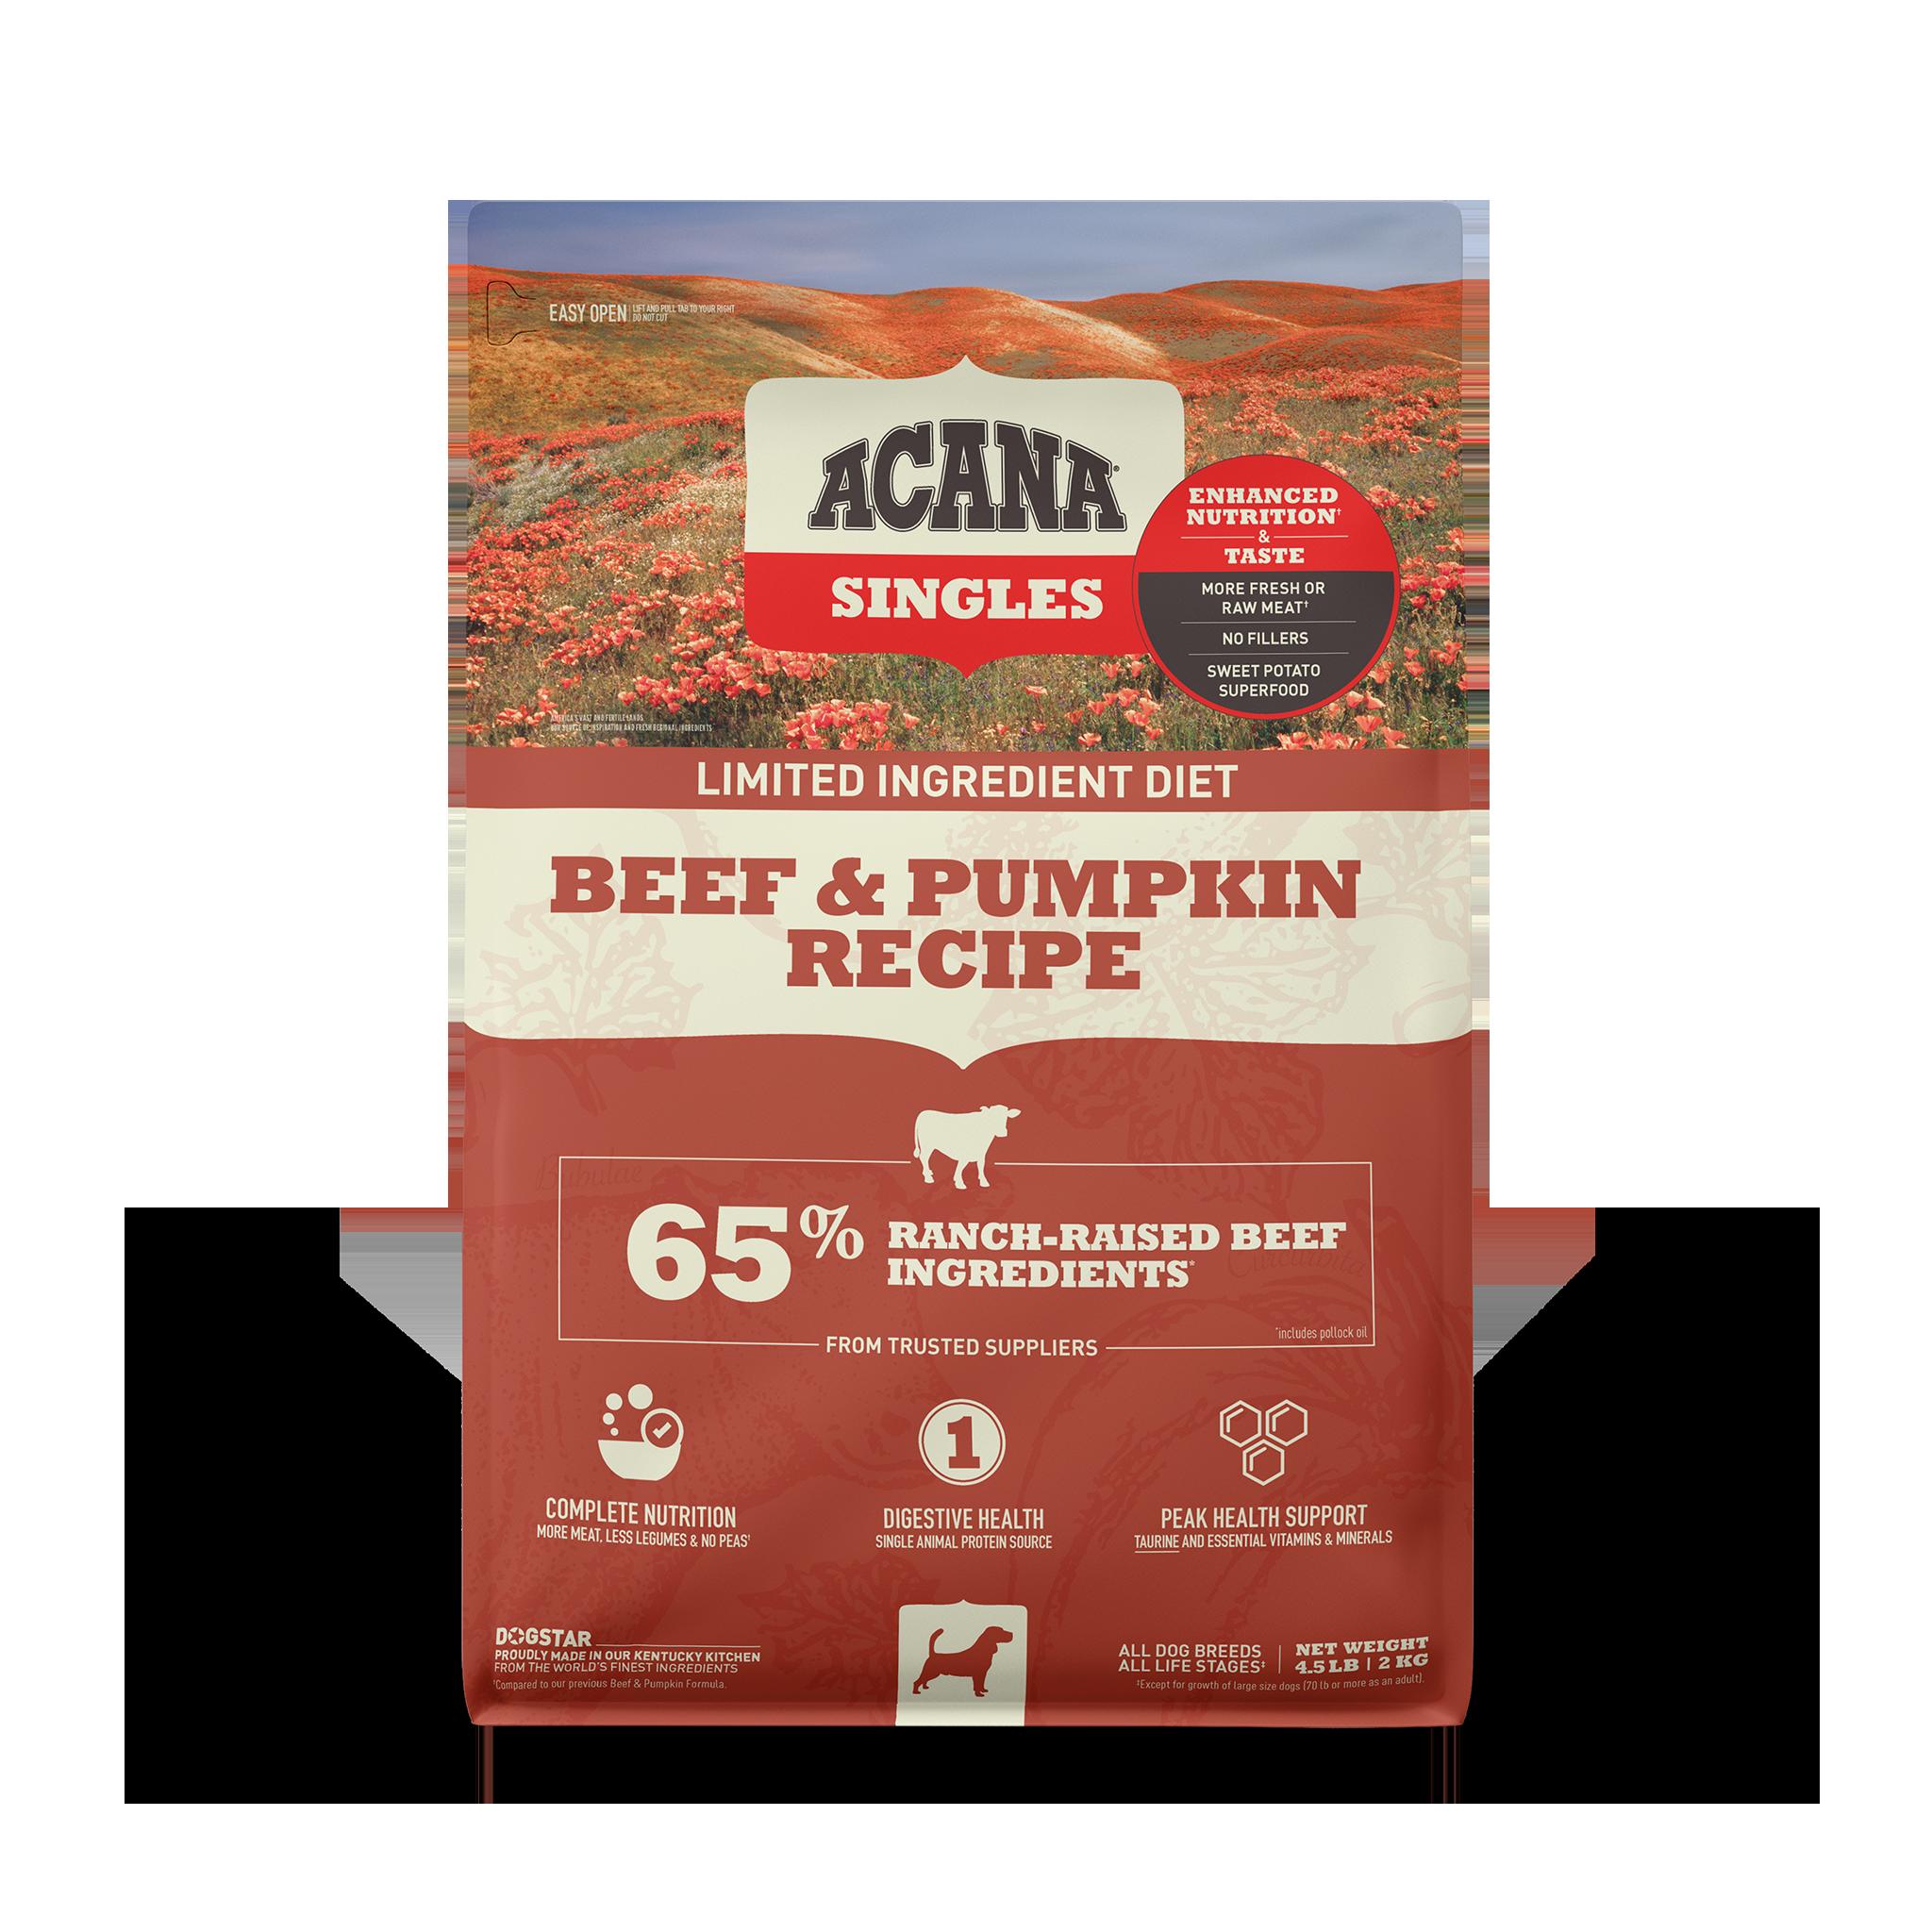 Acana Acana Singles Beef & Pumpkin Dry Dog Food